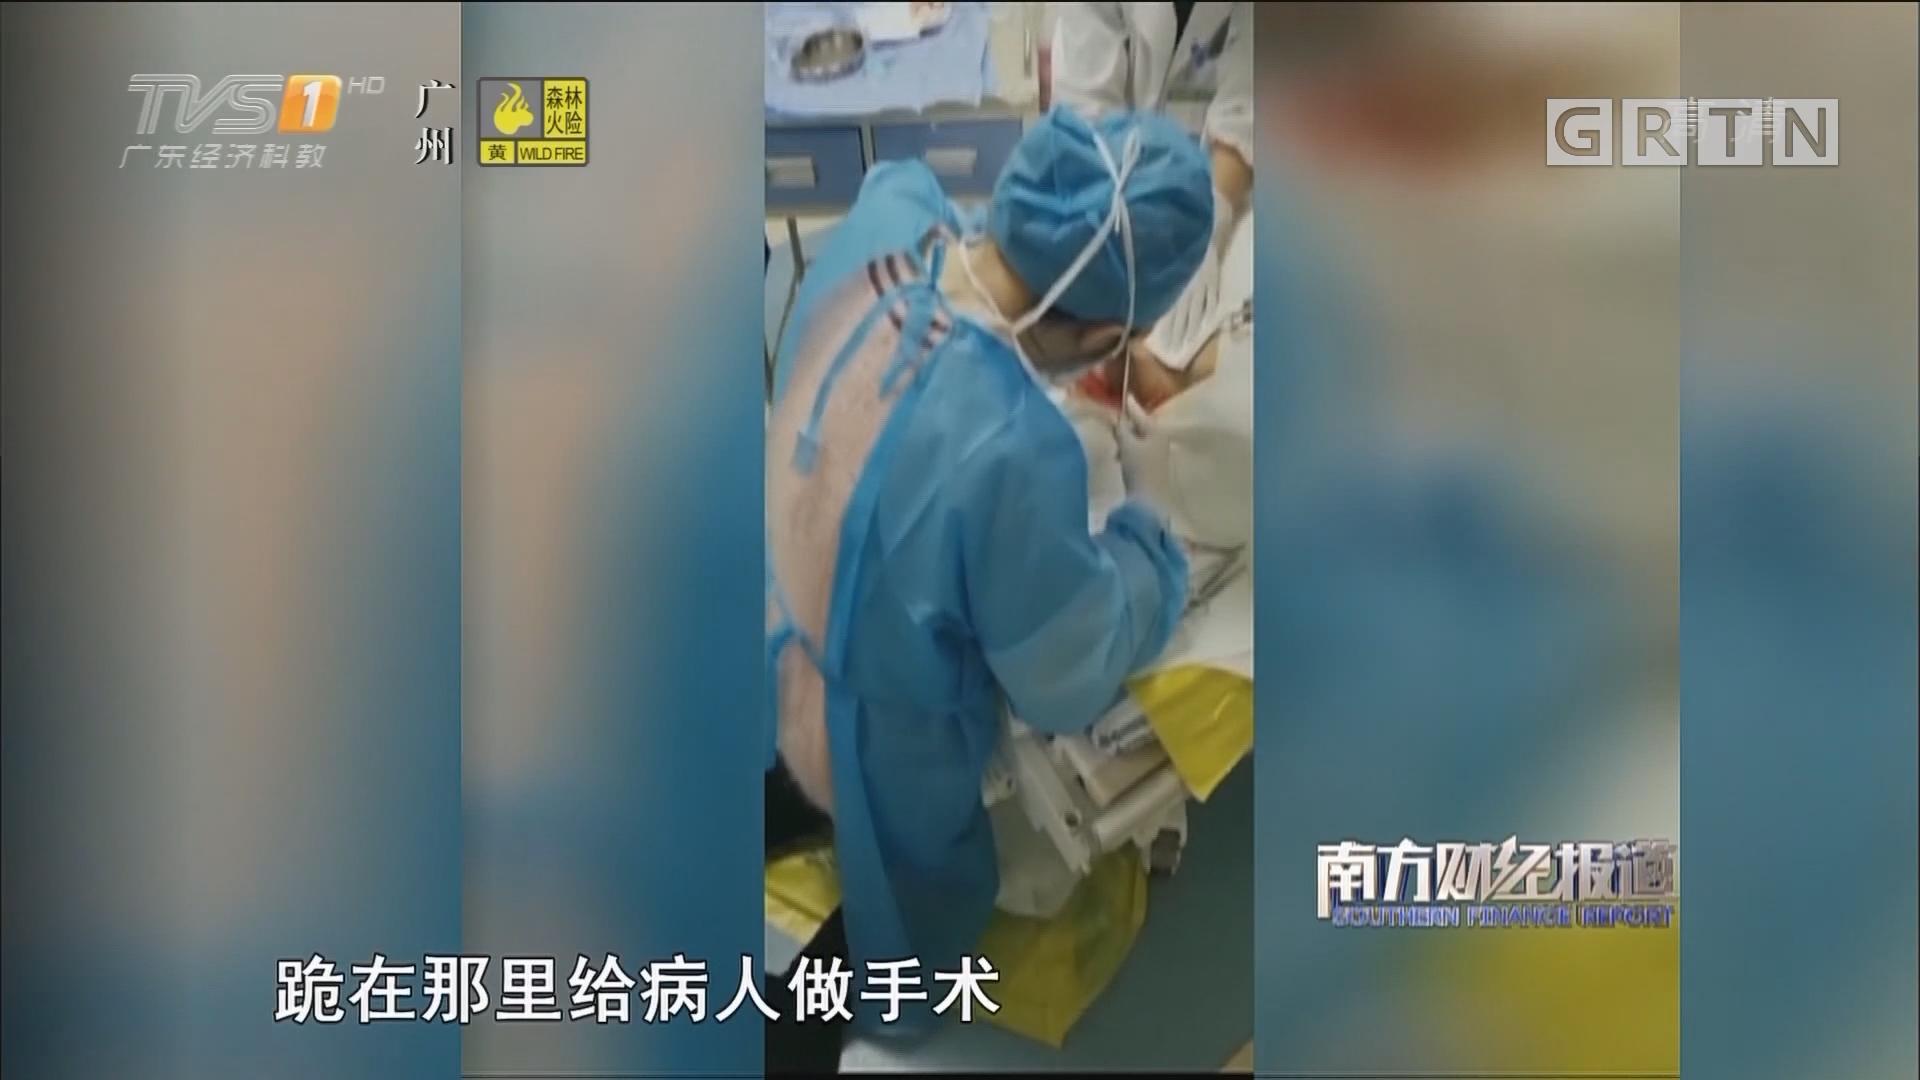 暖心!最美医生跪地为患者做手术